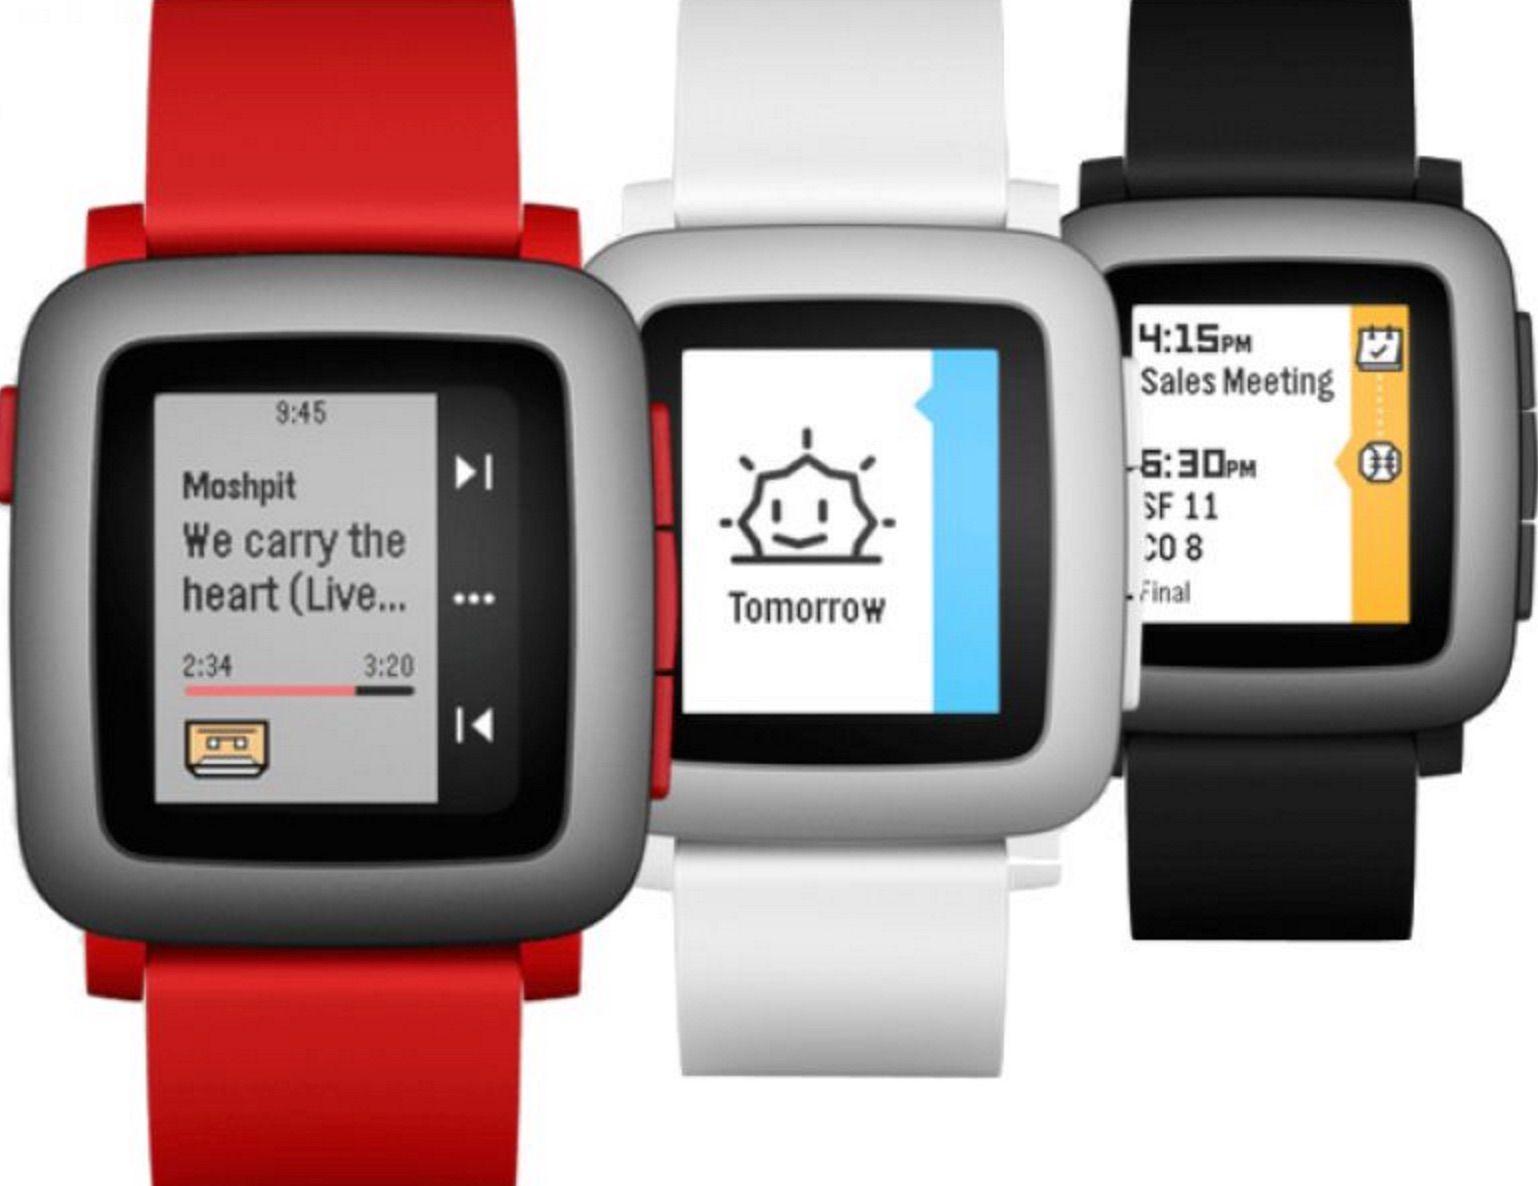 Pebble Time montre connectee ecran couleur-maison-connectee